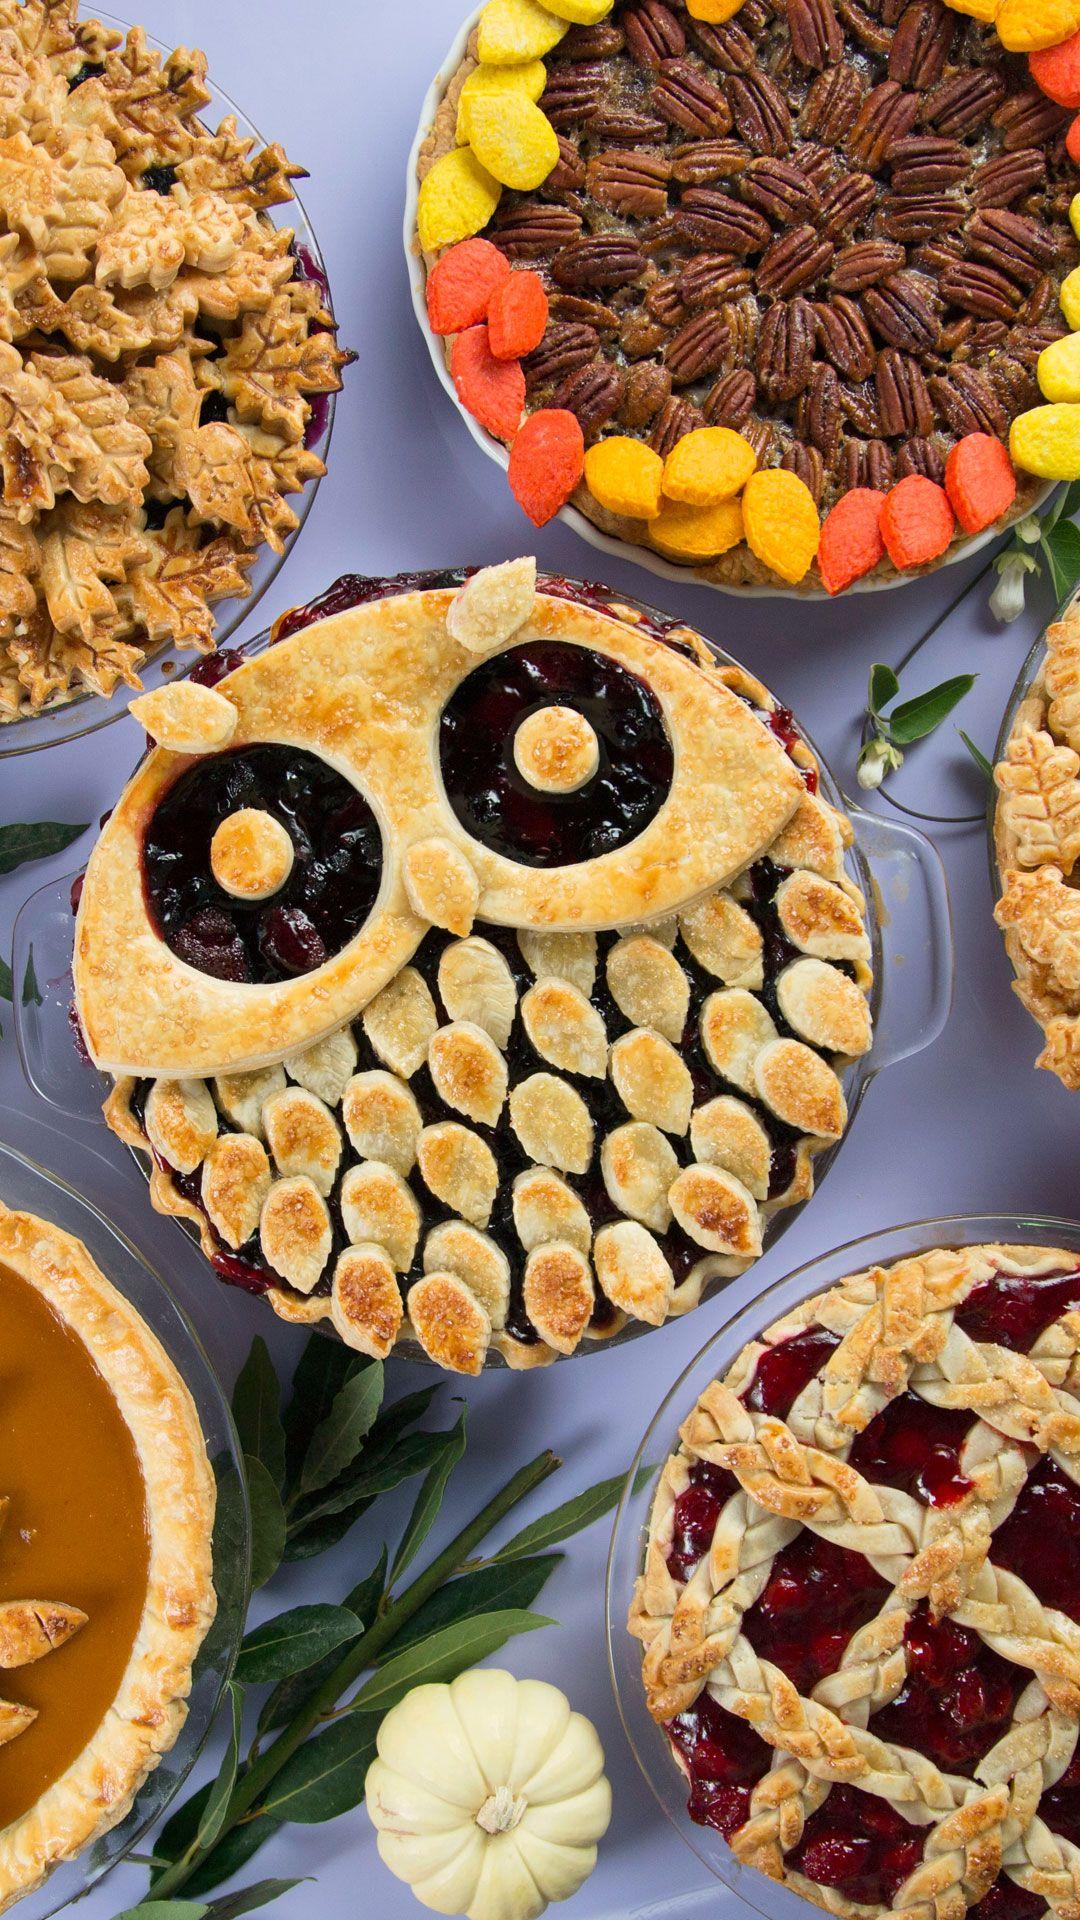 Decorative Pies 6 Ways